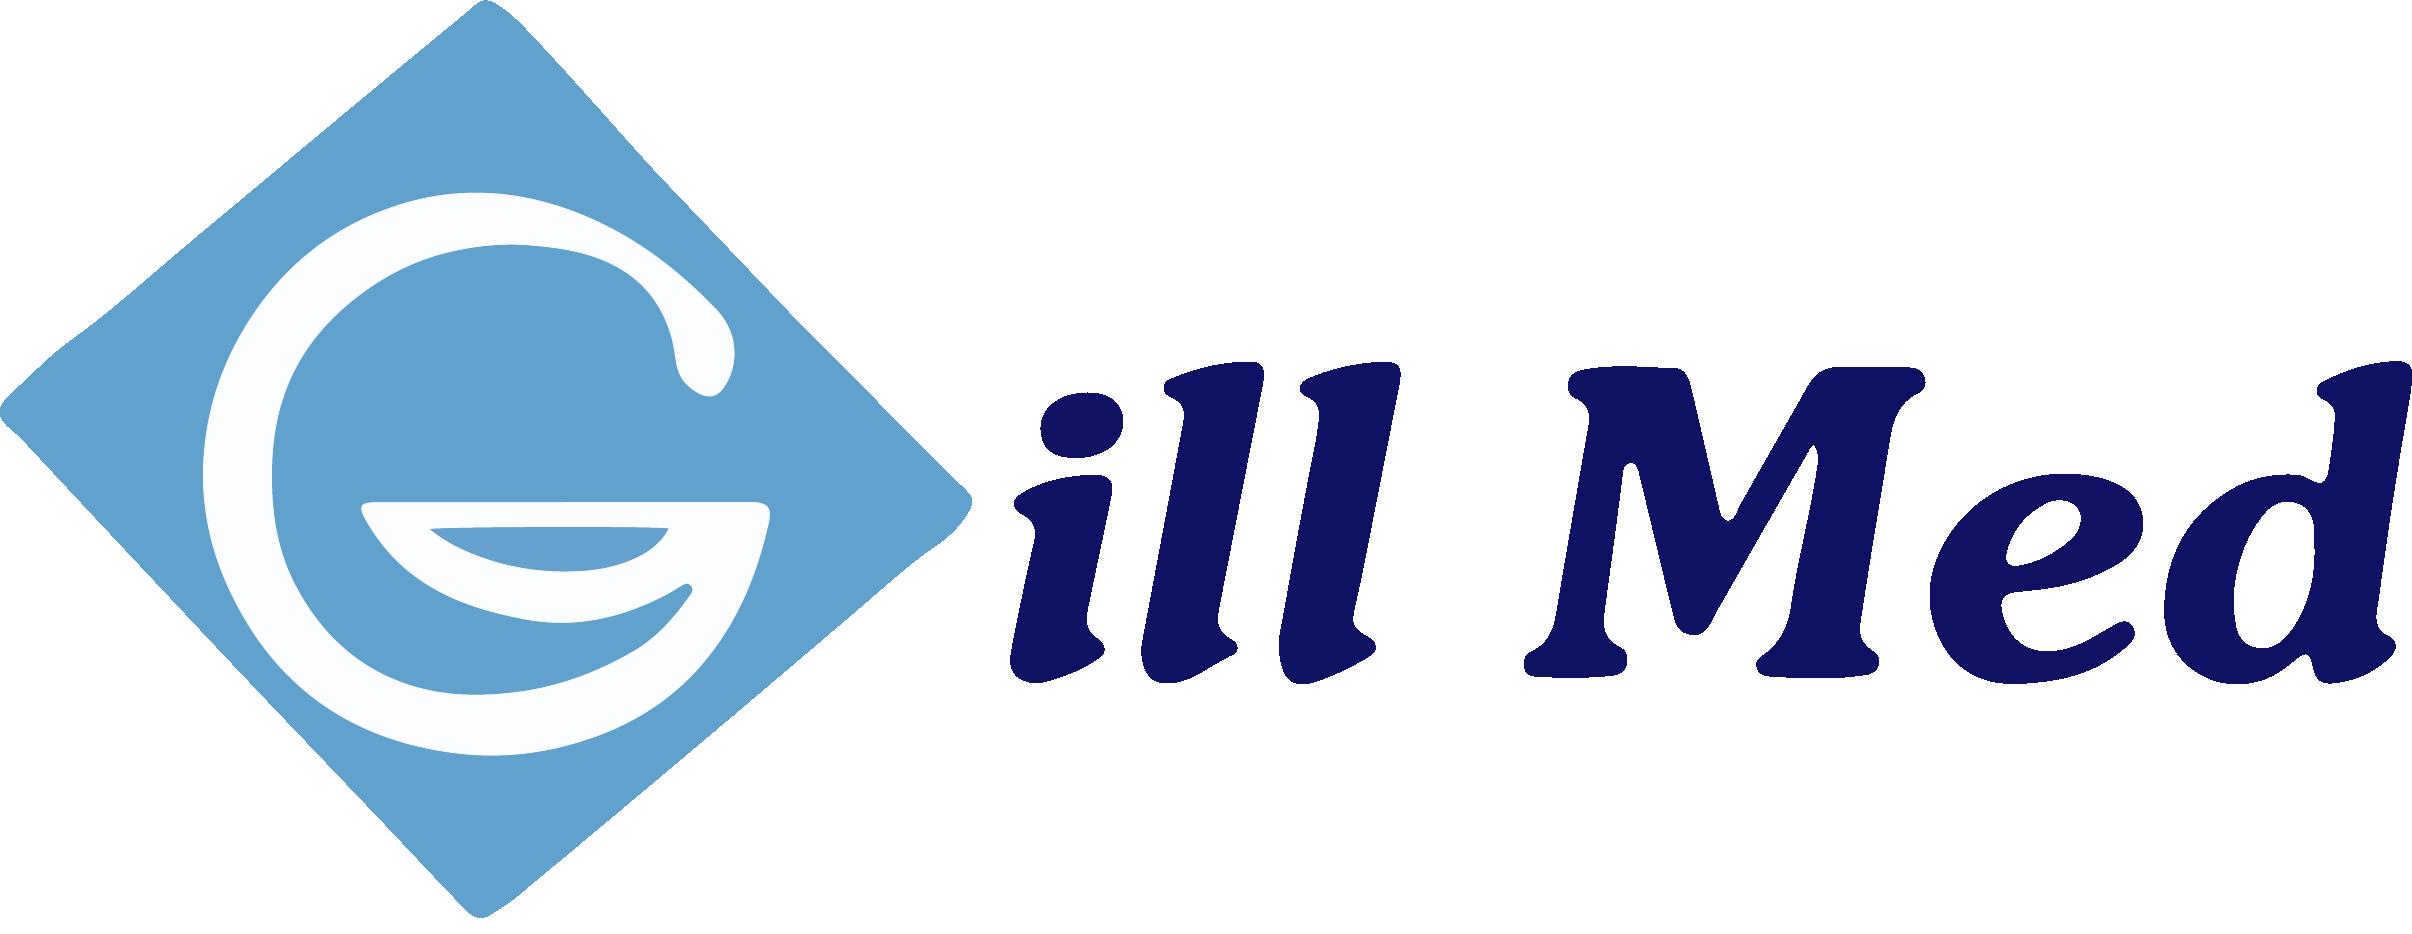 Gill MED MMC